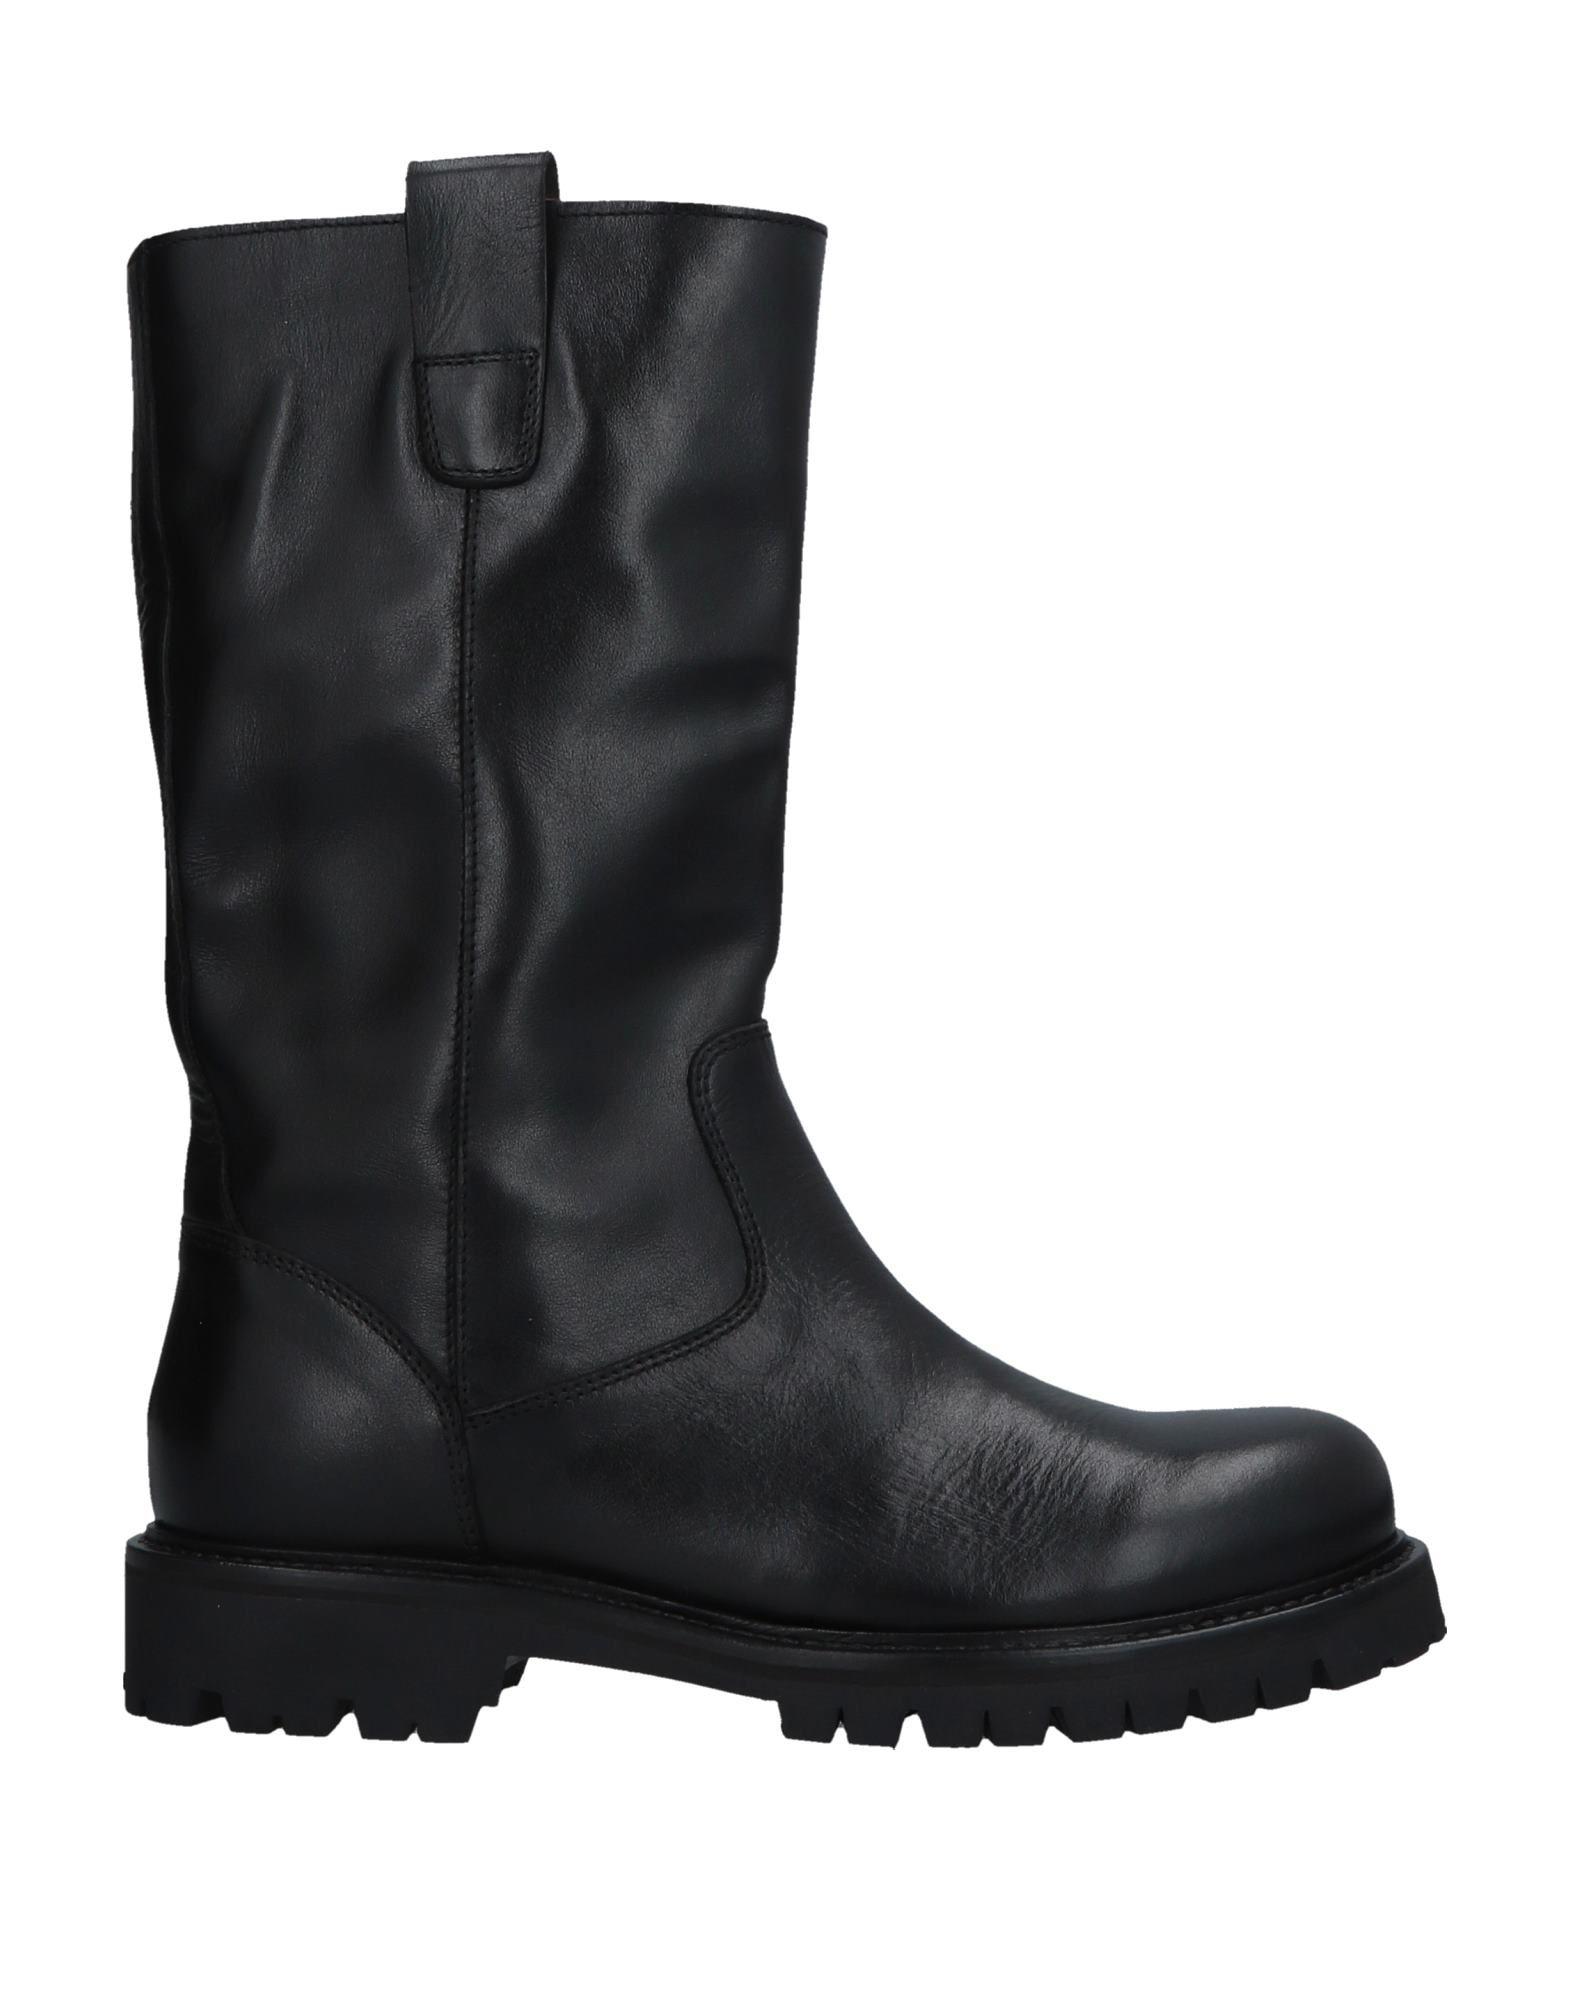 SEBOY'S Полусапоги и высокие ботинки